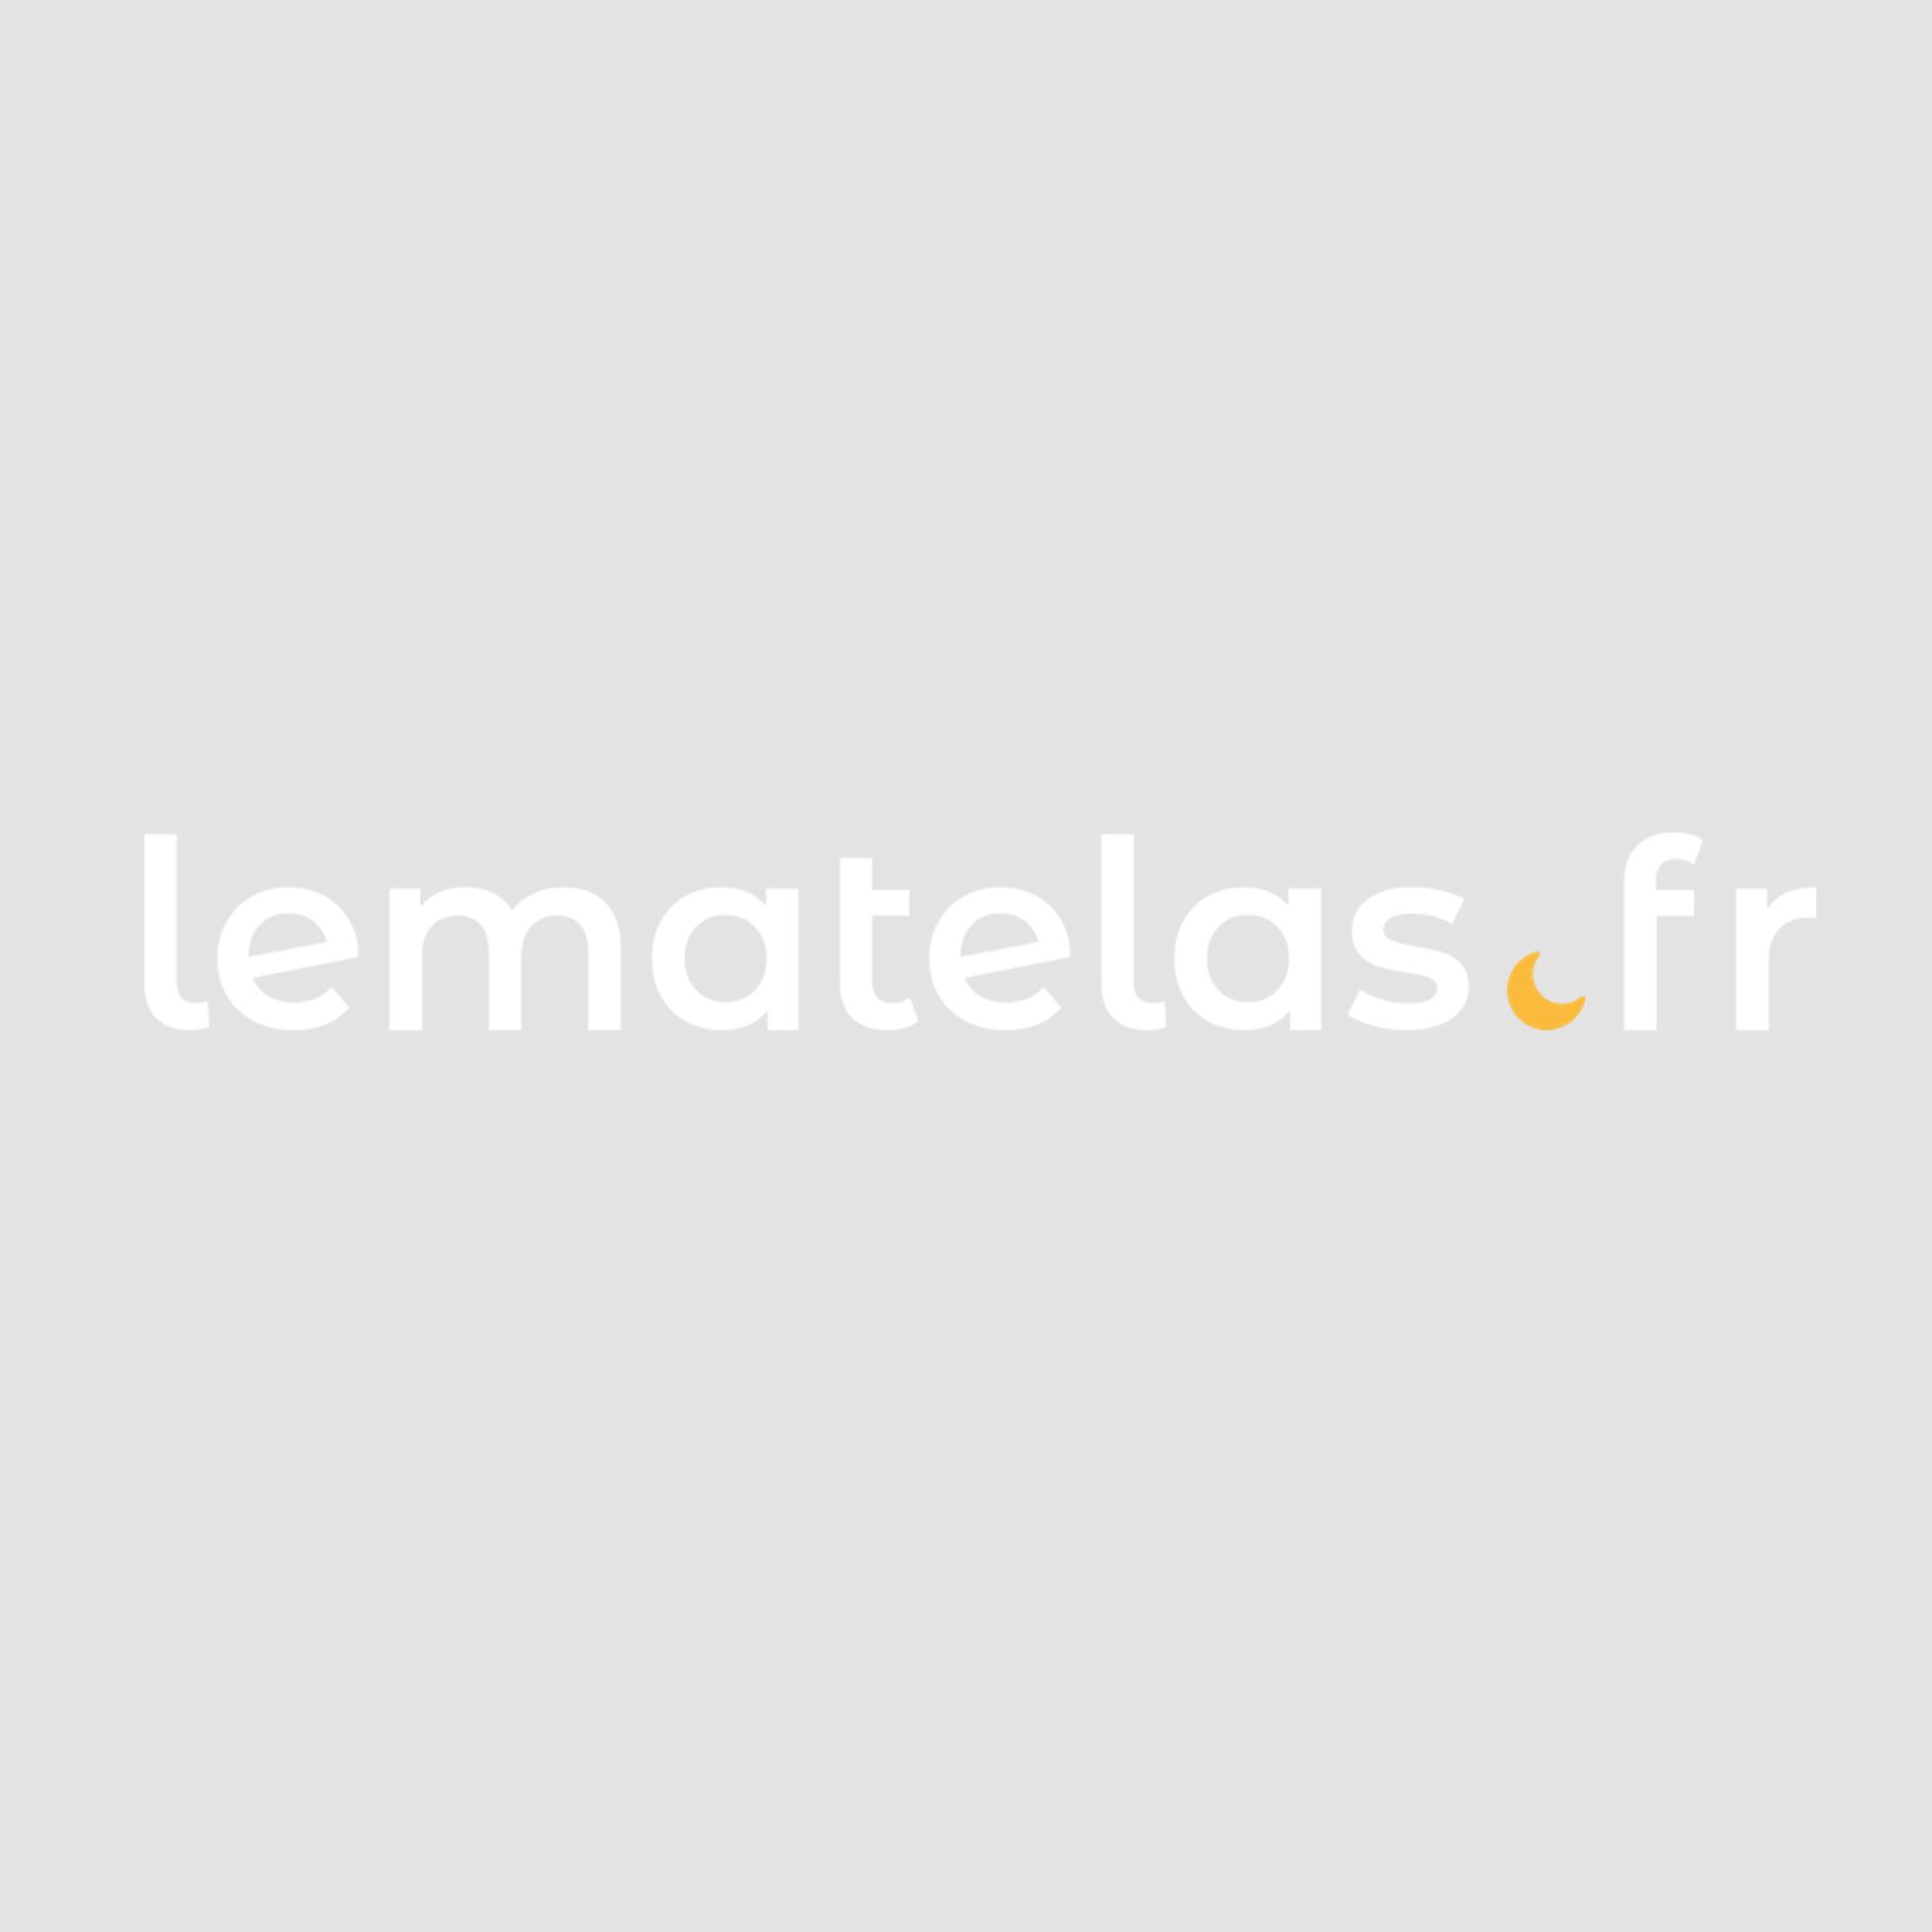 Bureau en bois blanc à tréteaux noir - BU0003